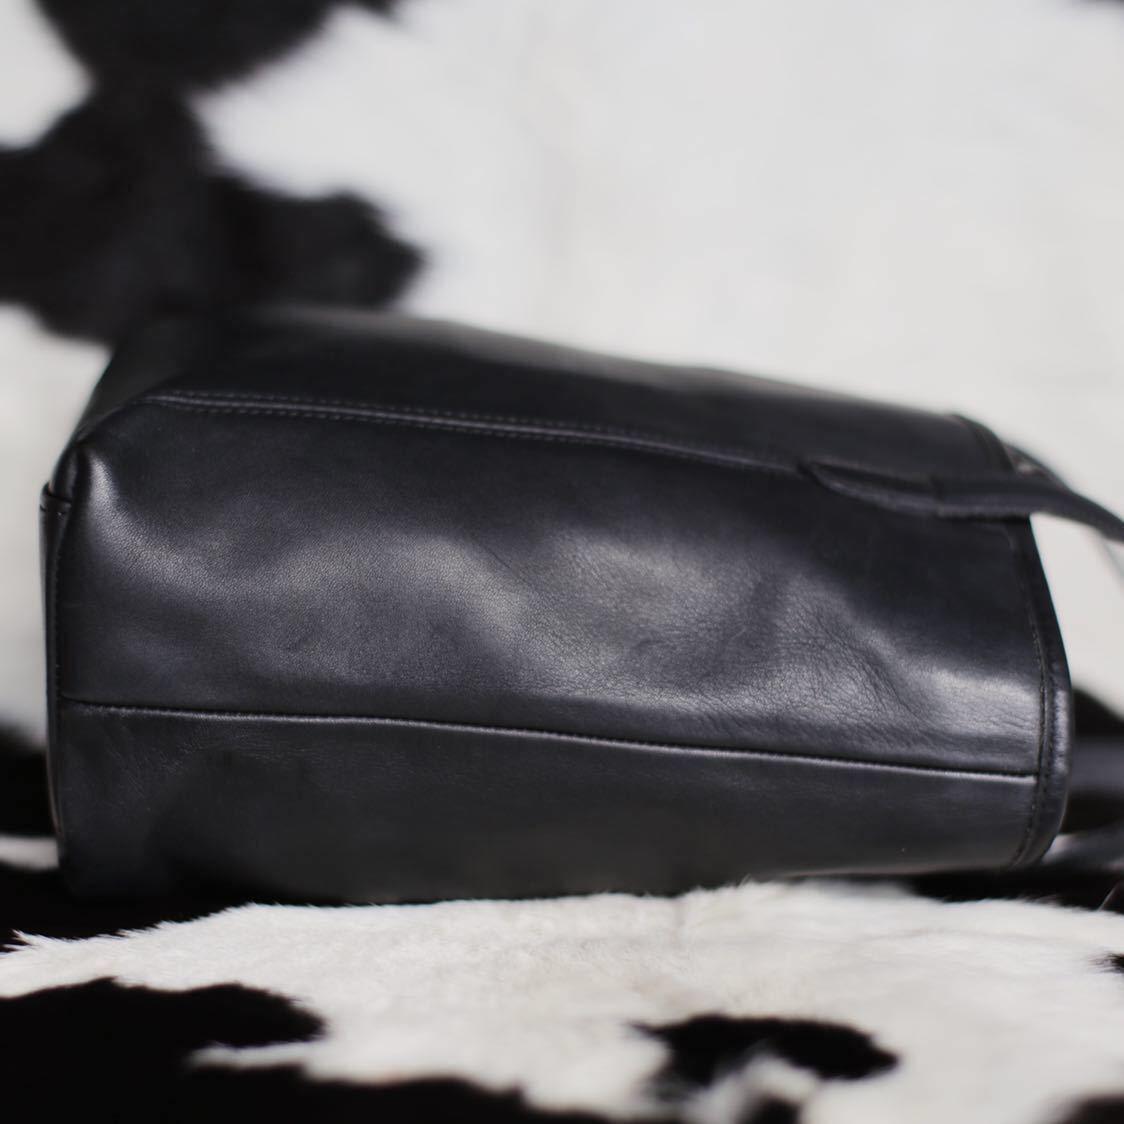 極美品 美品 コーチ COACH トートバッグ バッグ ビジネスバッグ 黒 ブラック レザー メンズバッグ 革 15万 オールドコーチ ビンテージ B5_画像3